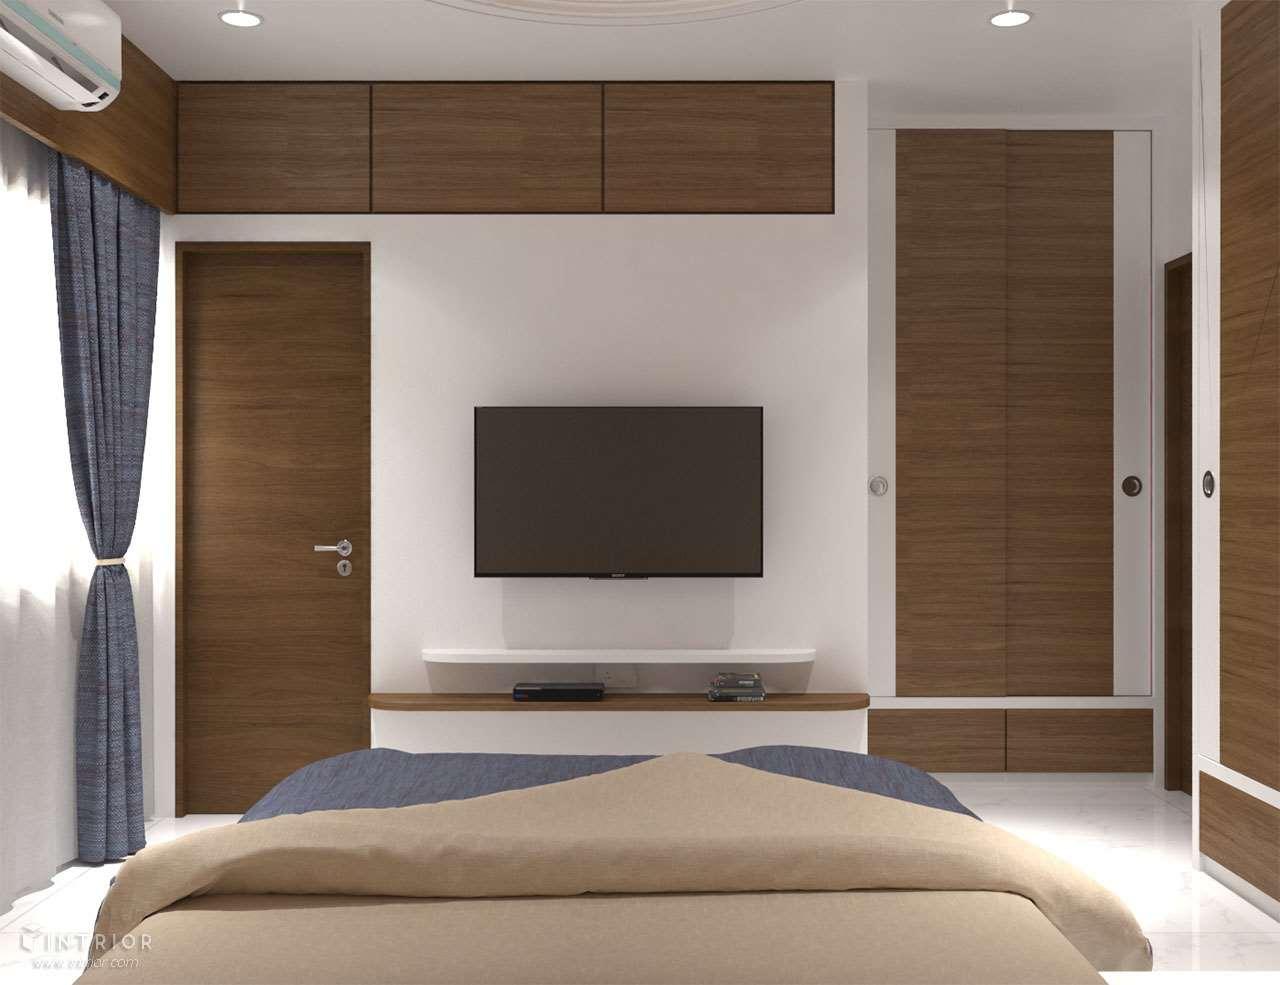 Guest Room - Tv Unit